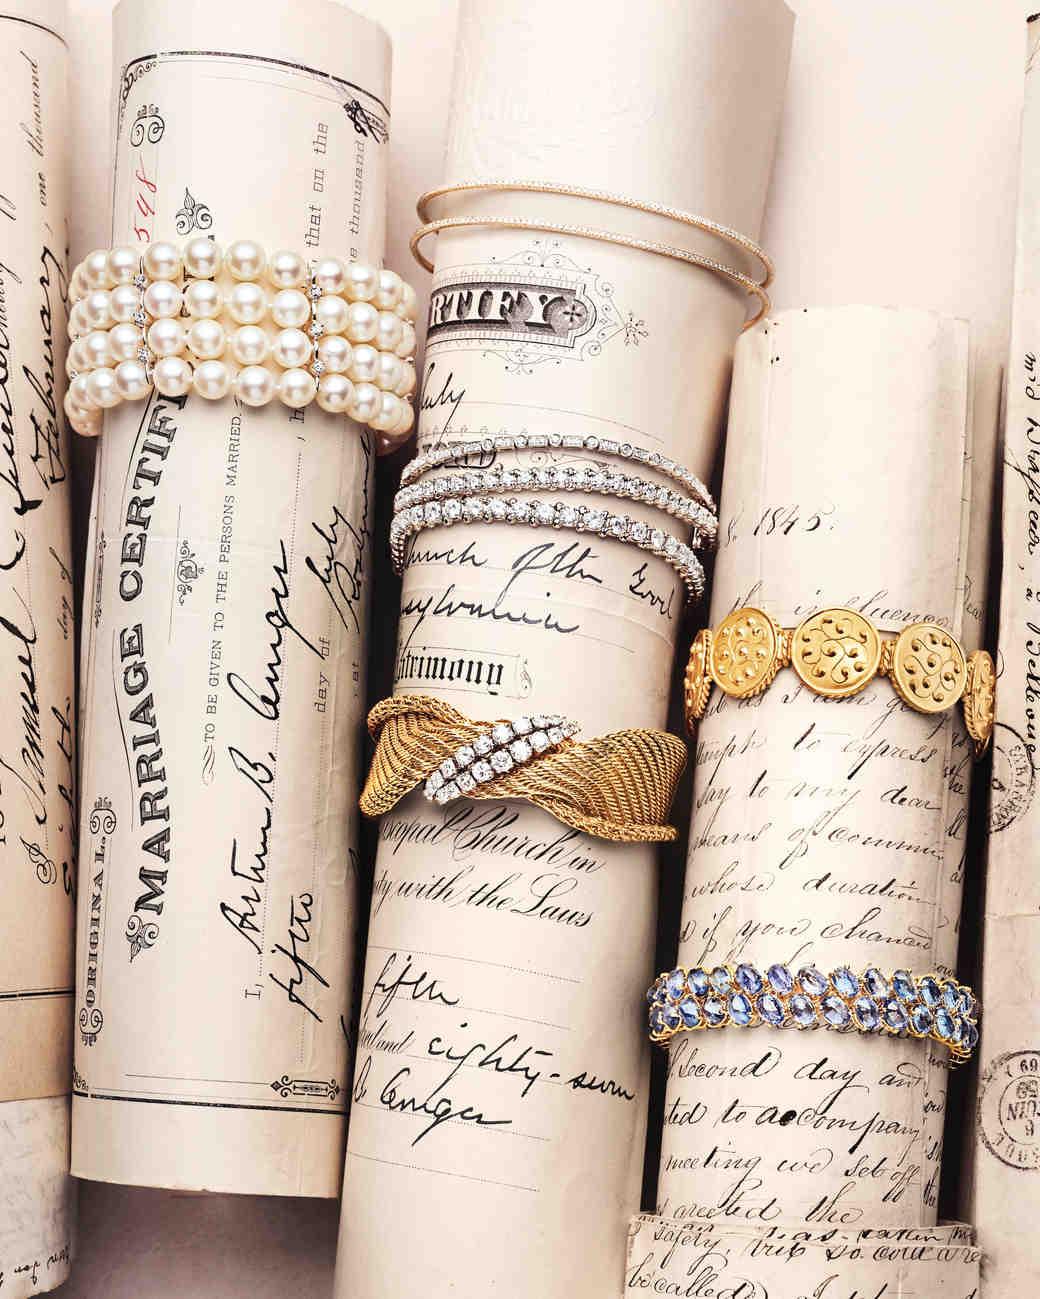 msw-bracelets-156c-d112055.jpg